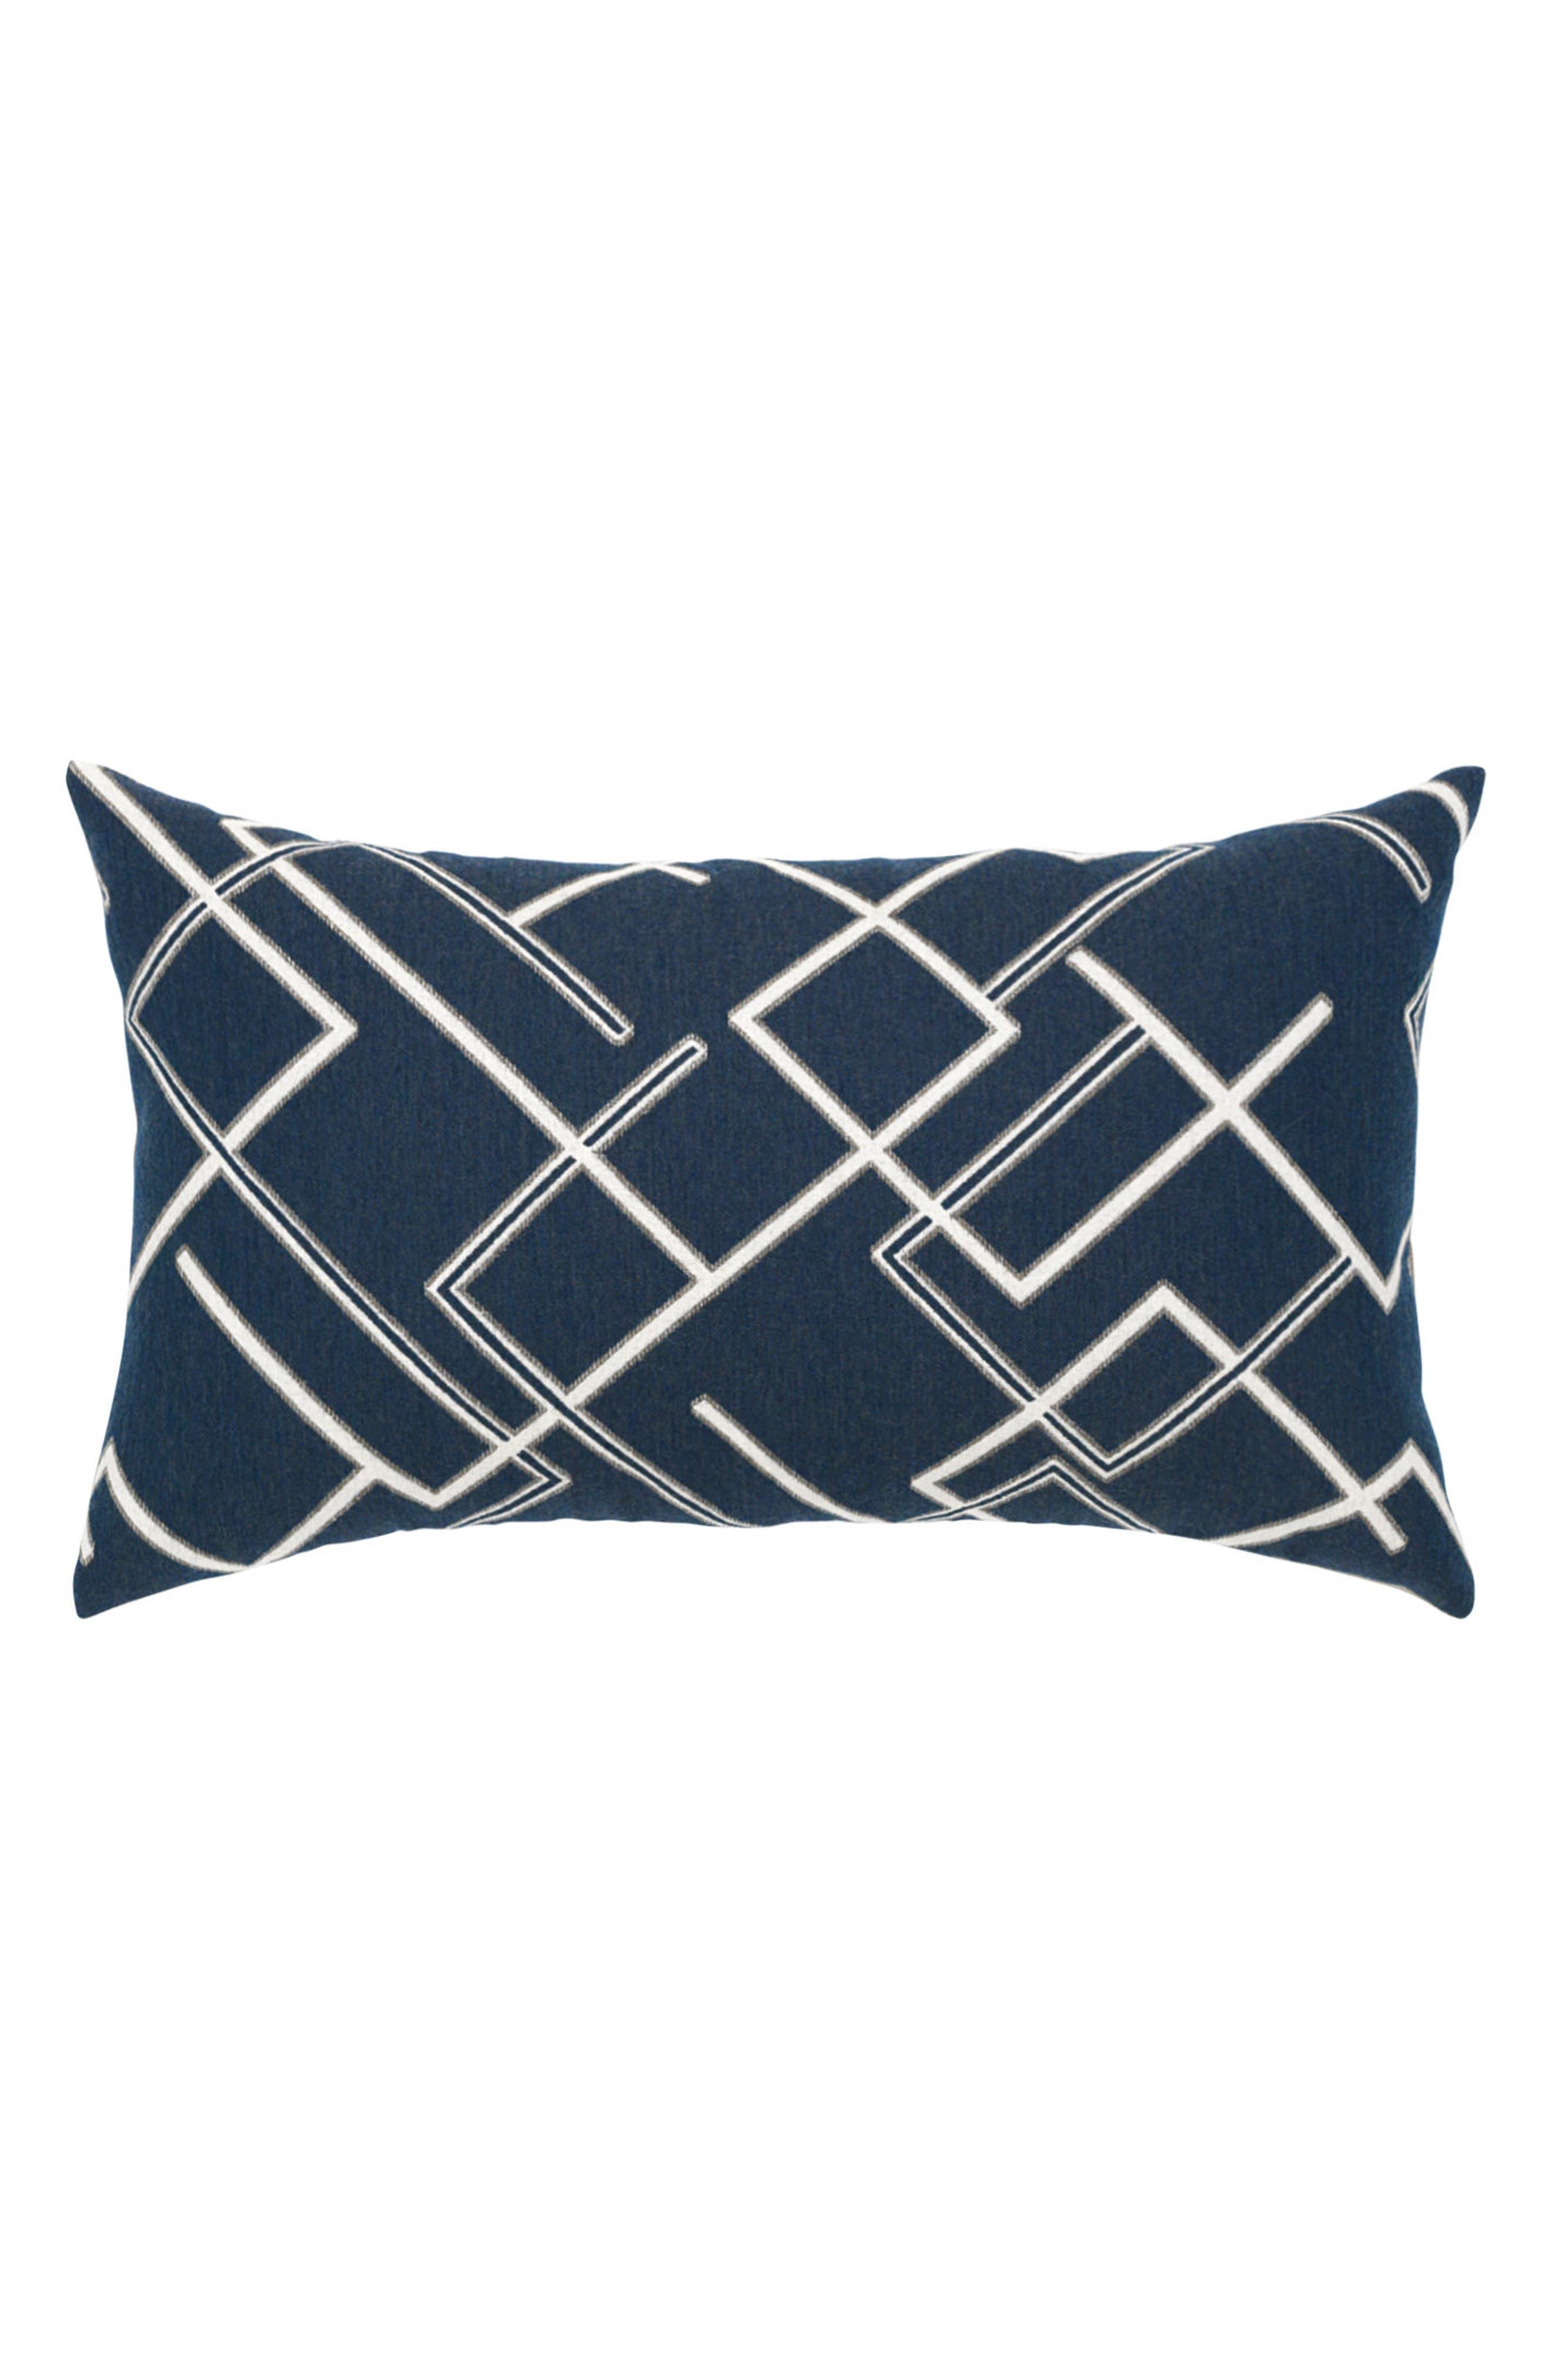 Divergence Indigo Lumbar Pillow,                             Main thumbnail 1, color,                             Blue